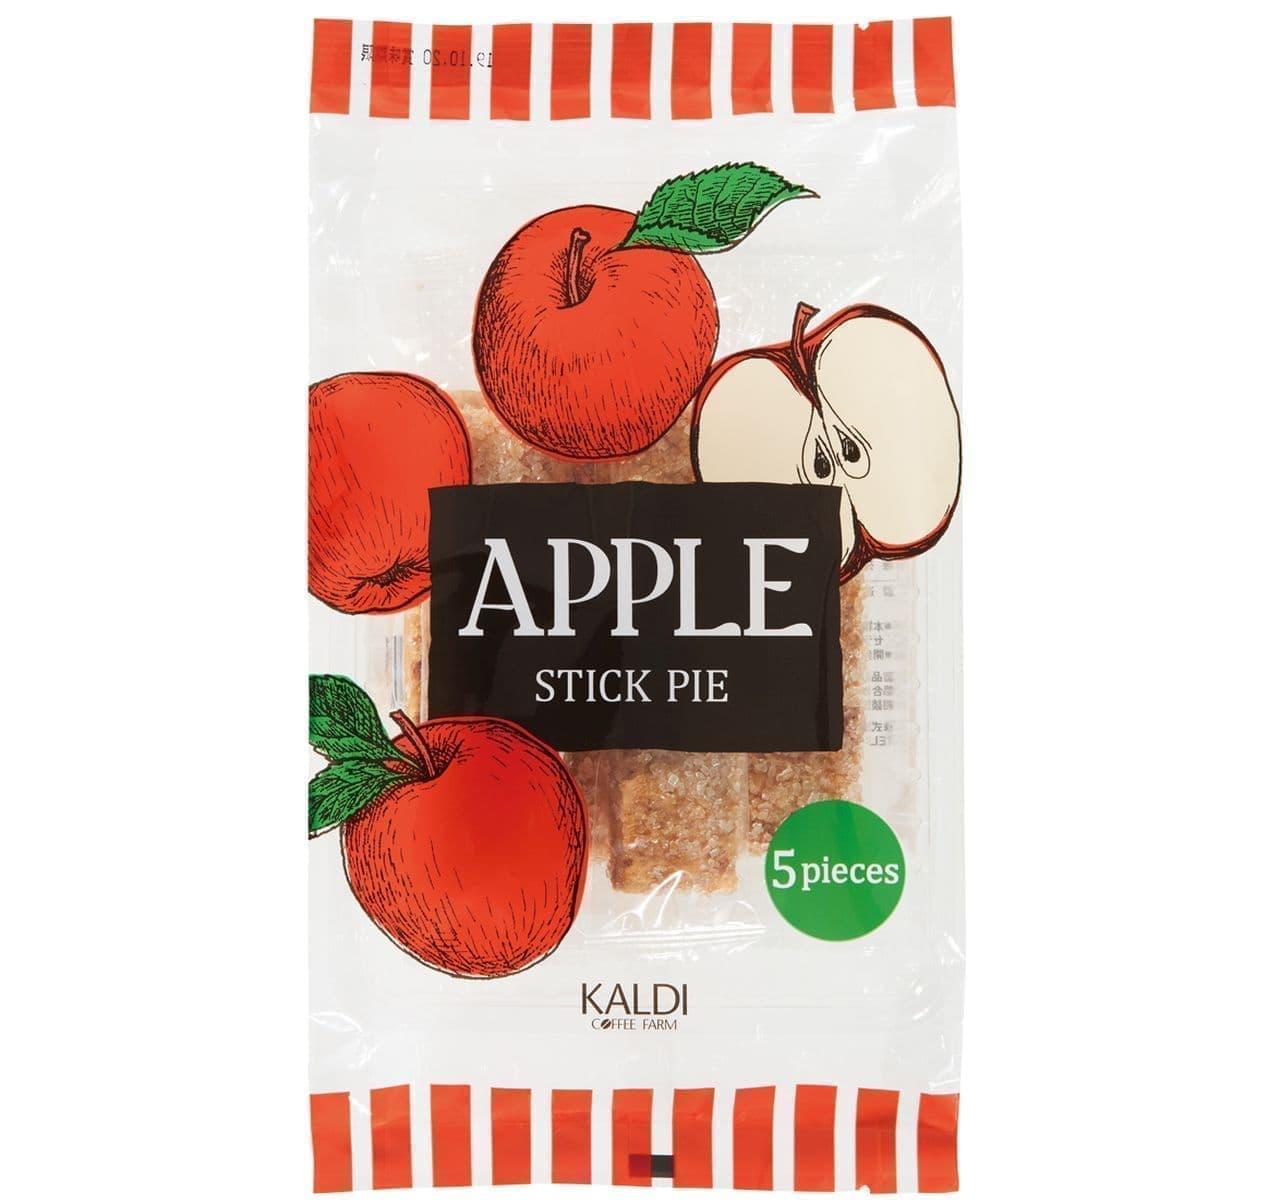 カルディ「オリジナル りんごスティックパイ」